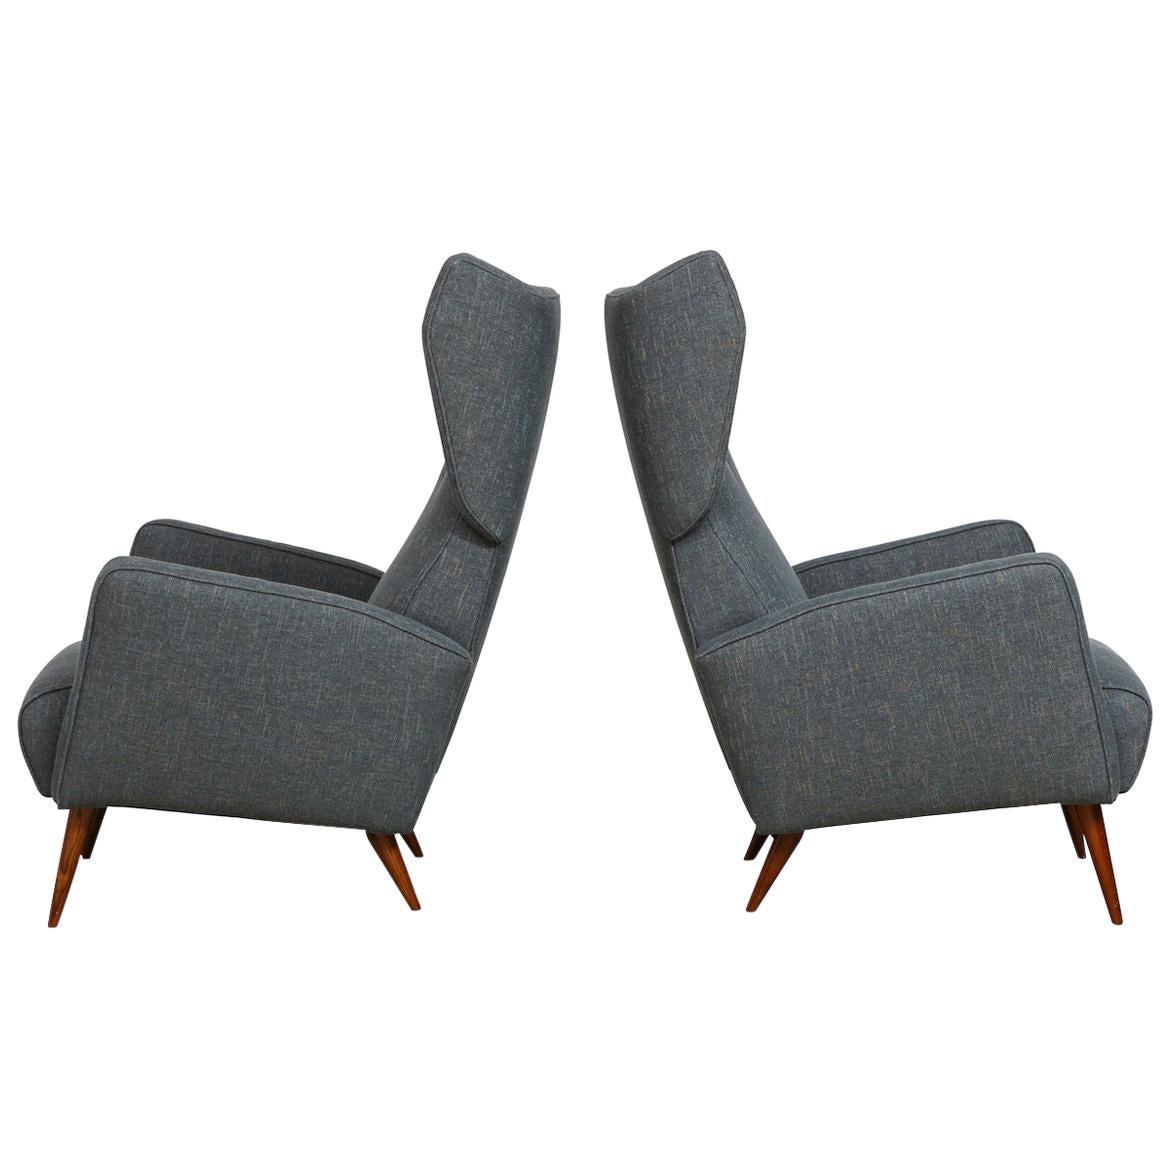 Gio Ponti Rare Pair of Lounge Chairs